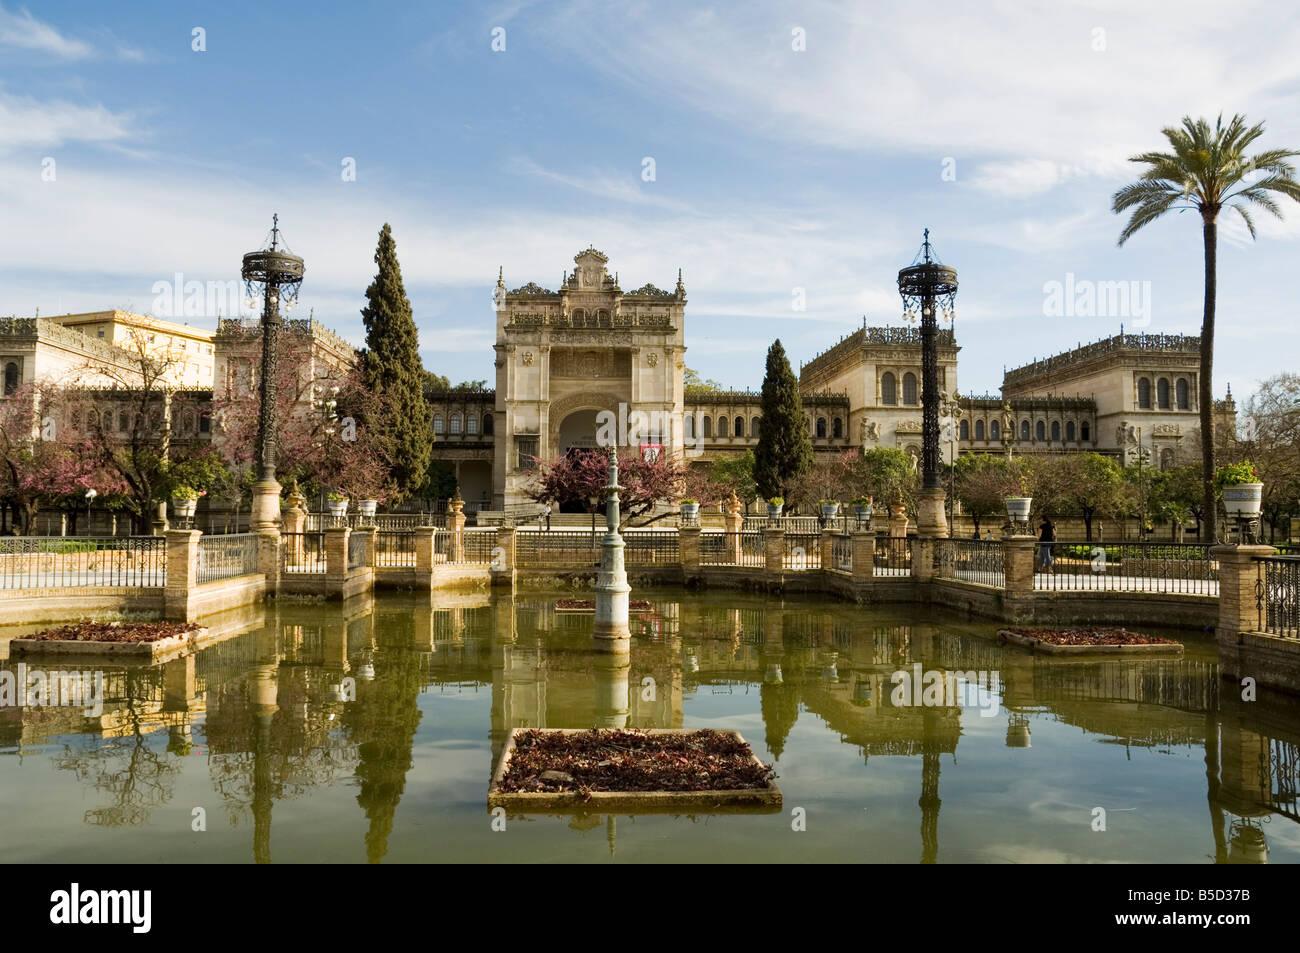 Neo Renaissance Pavellon de las Bellas Artes now the Museum of Archaeology, Parque Maria Luisa, Seville, Andalusia, - Stock Image